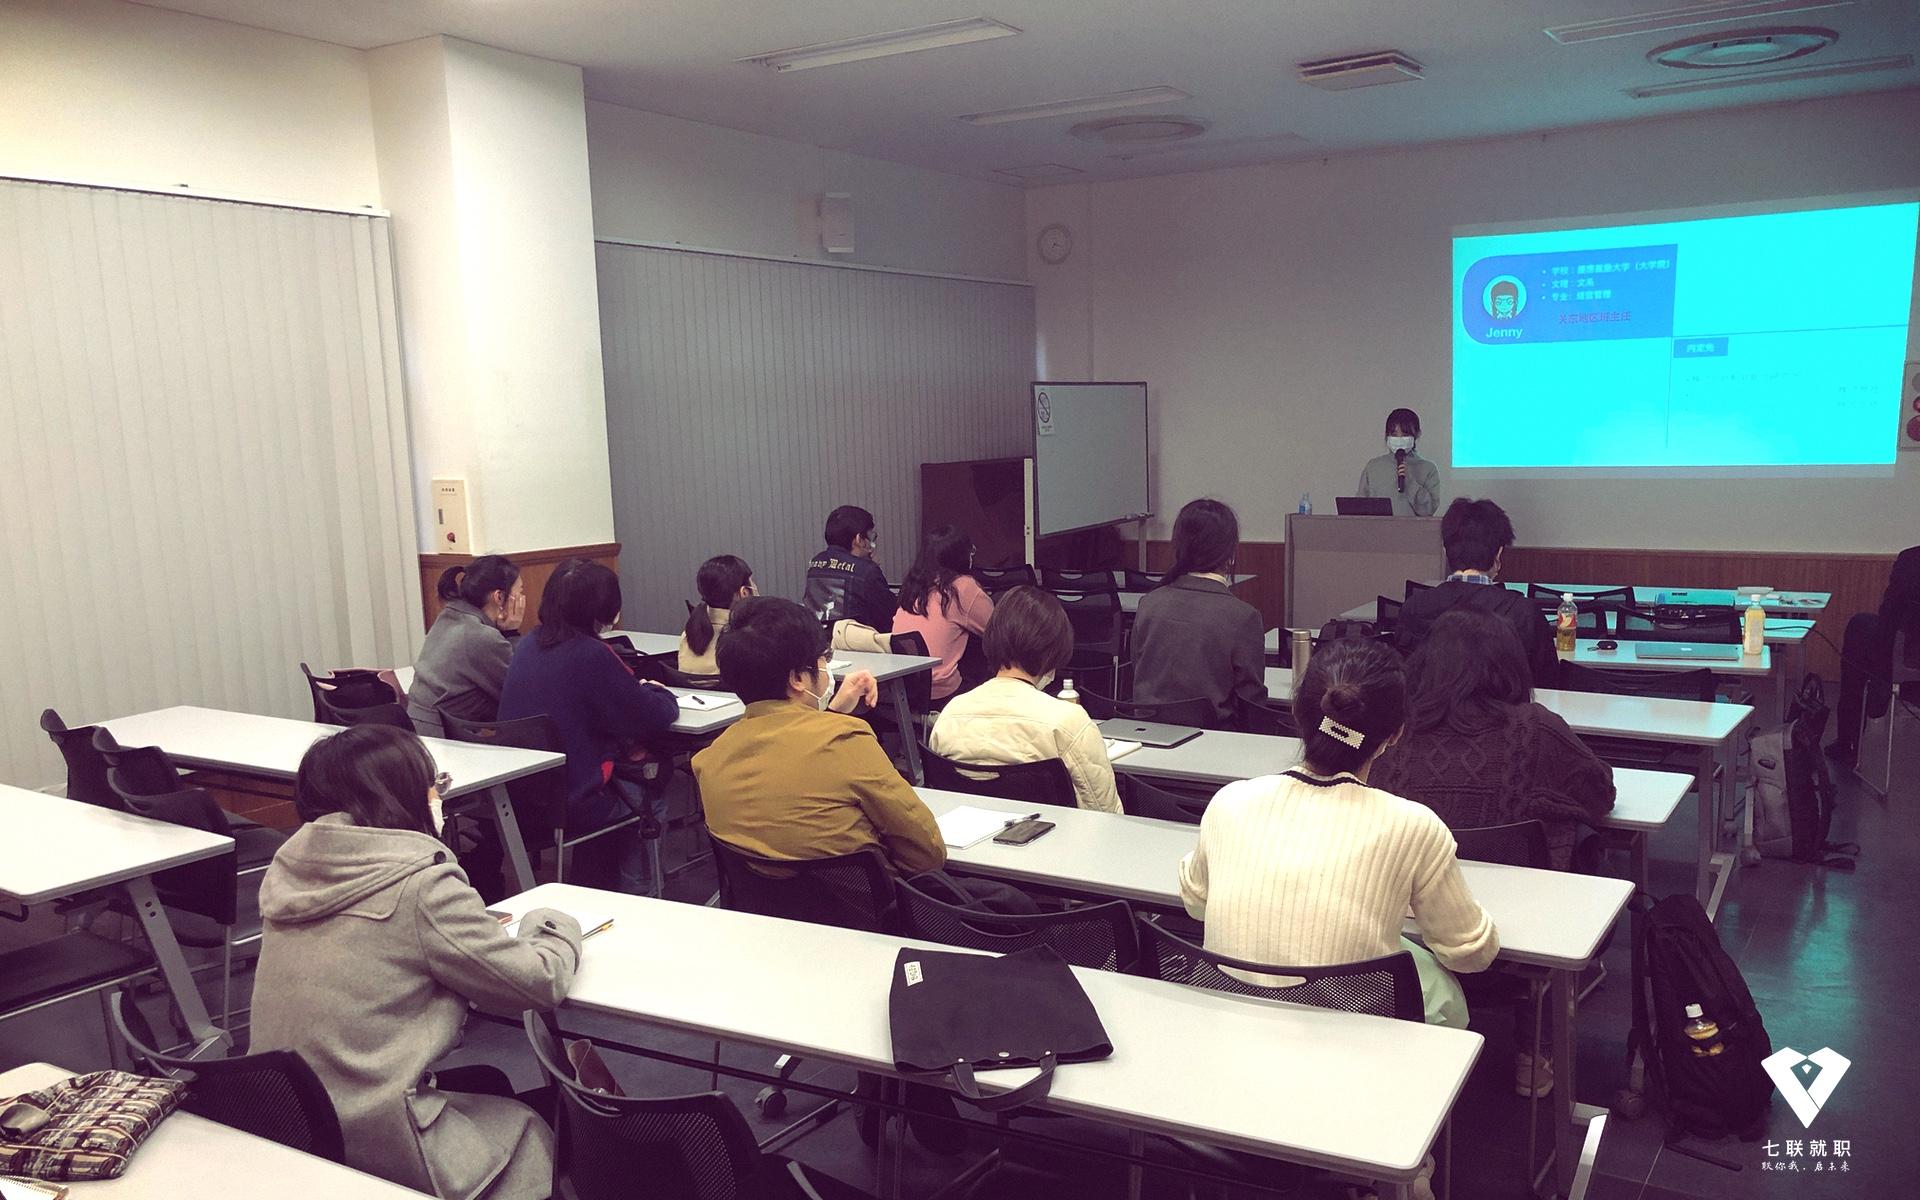 名古屋大学就职讲座